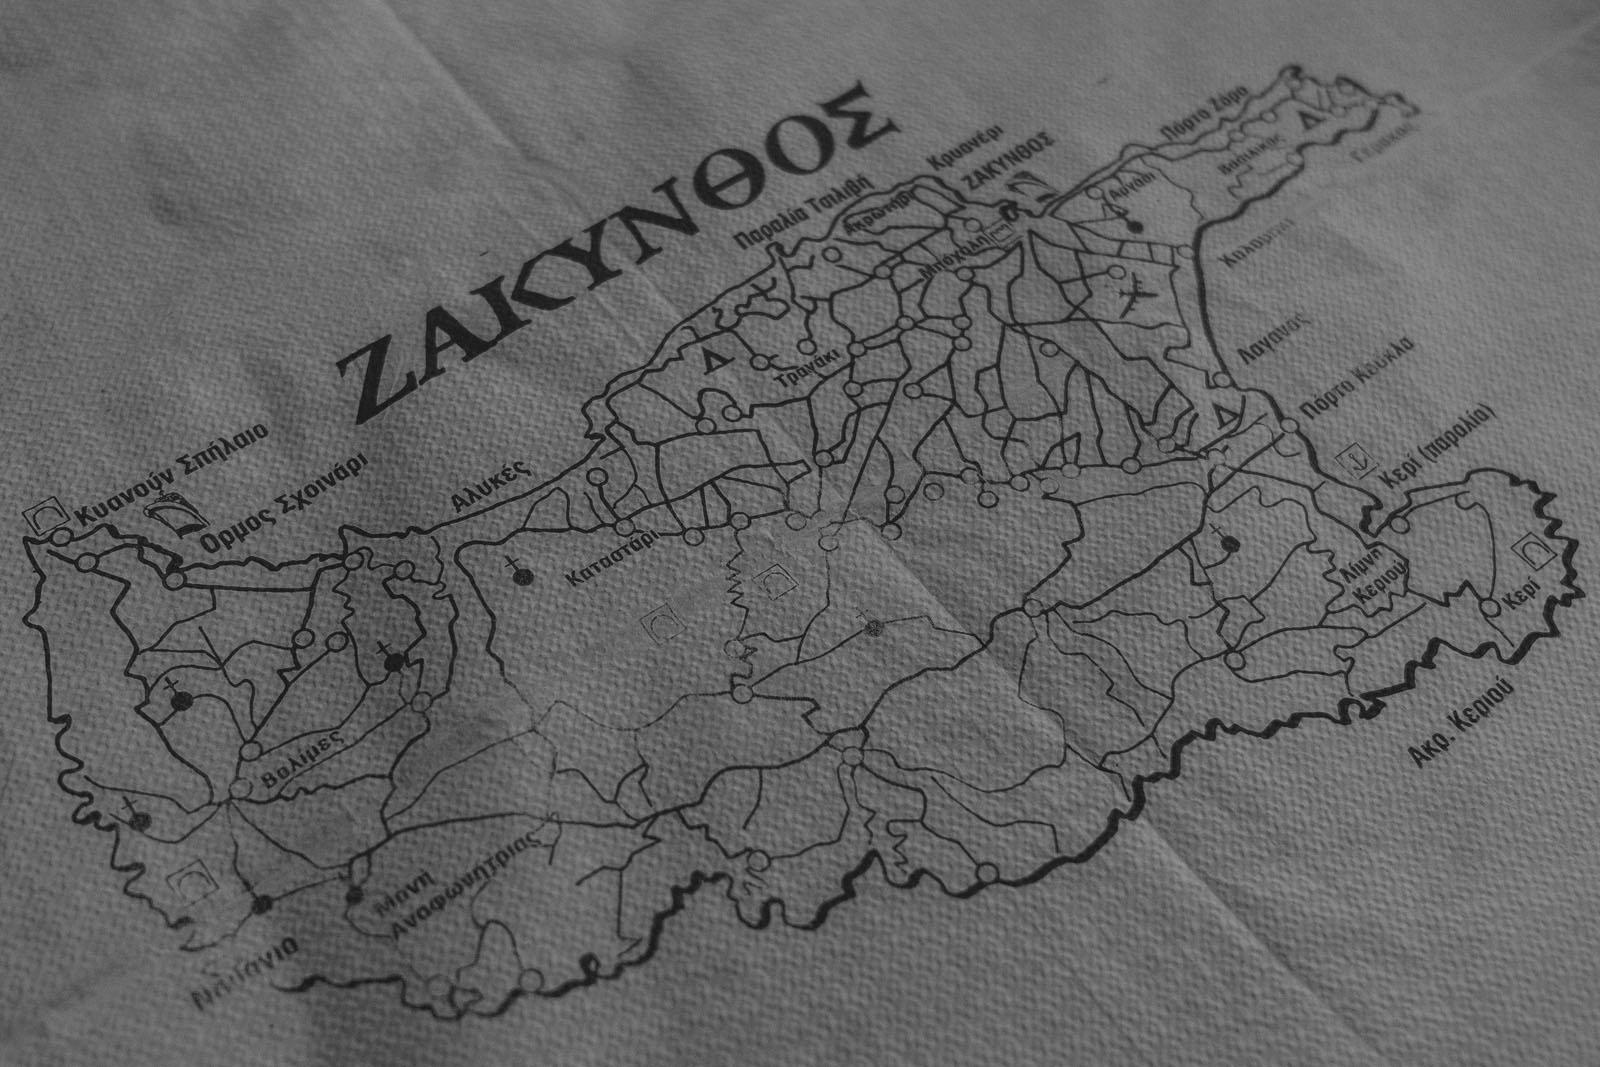 podroz_zakhyntos_001P